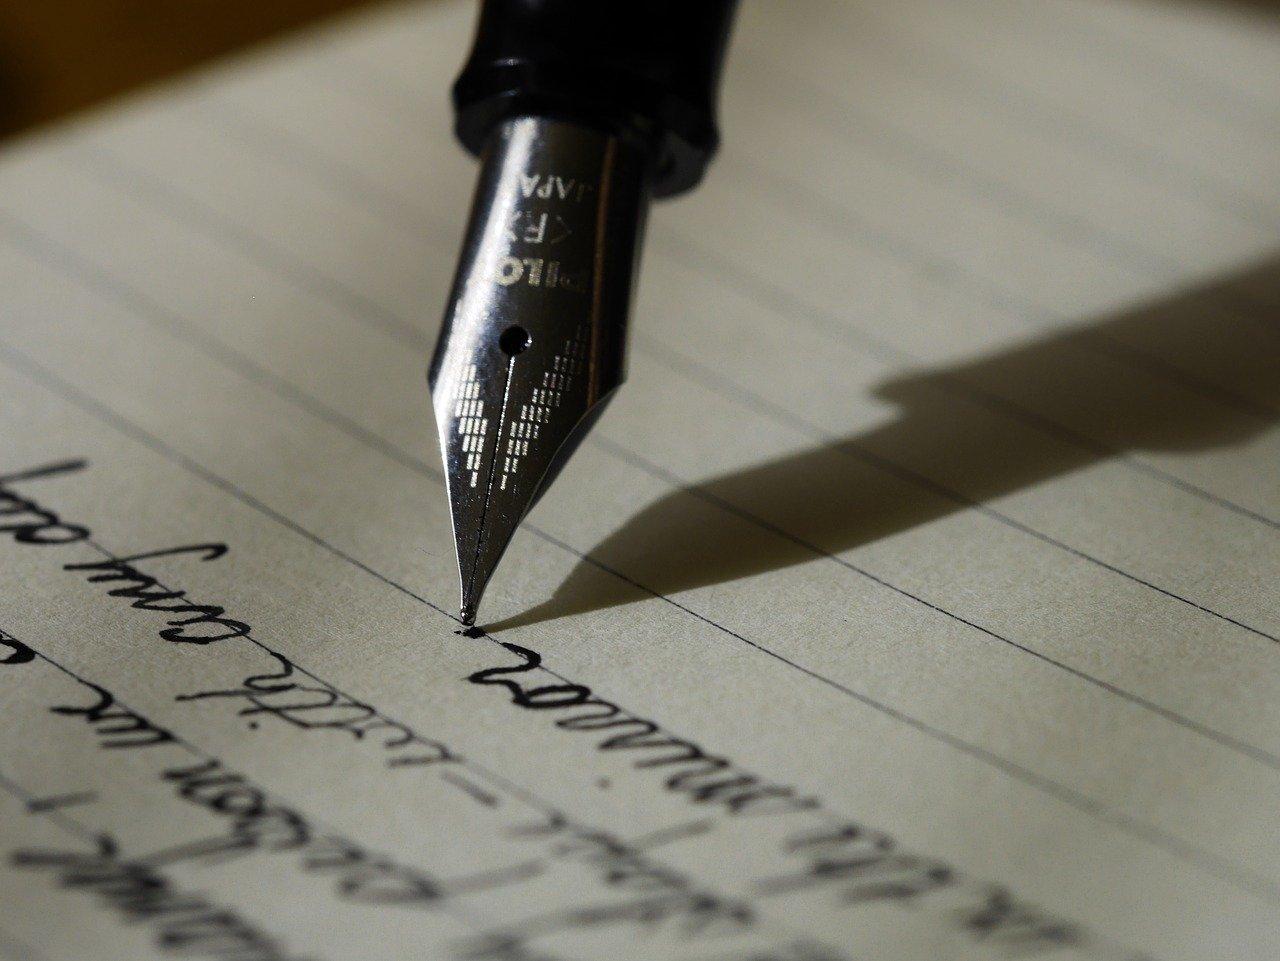 πλεονεκτήματα συγργαής βελτιστοποιημένων κειμένων